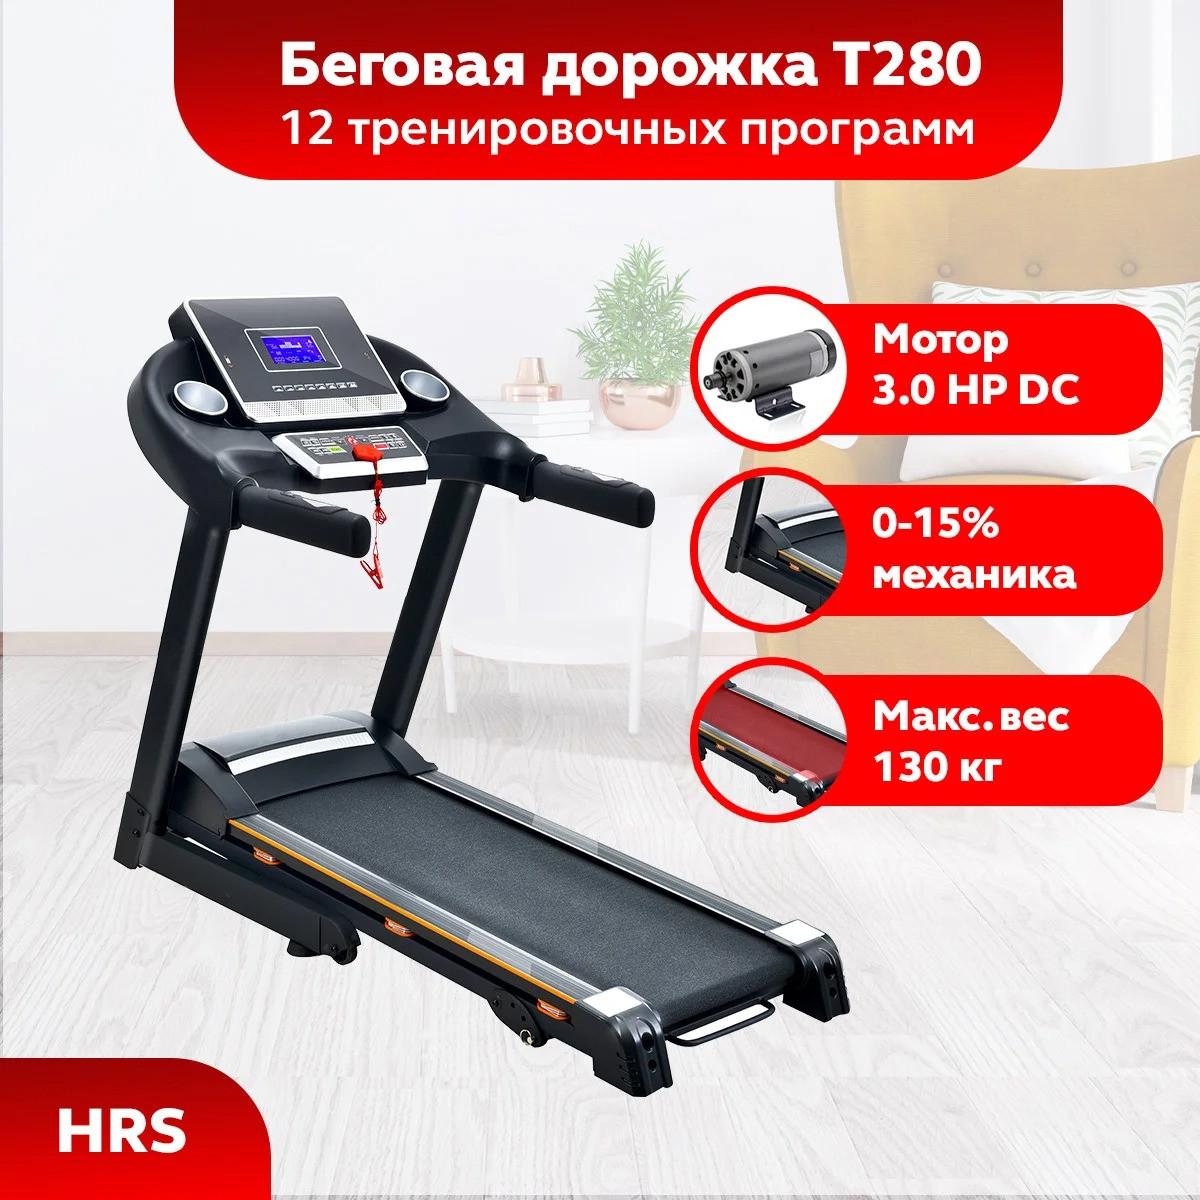 Електрична бігова доріжка HRS T280 для дому та спортзалу